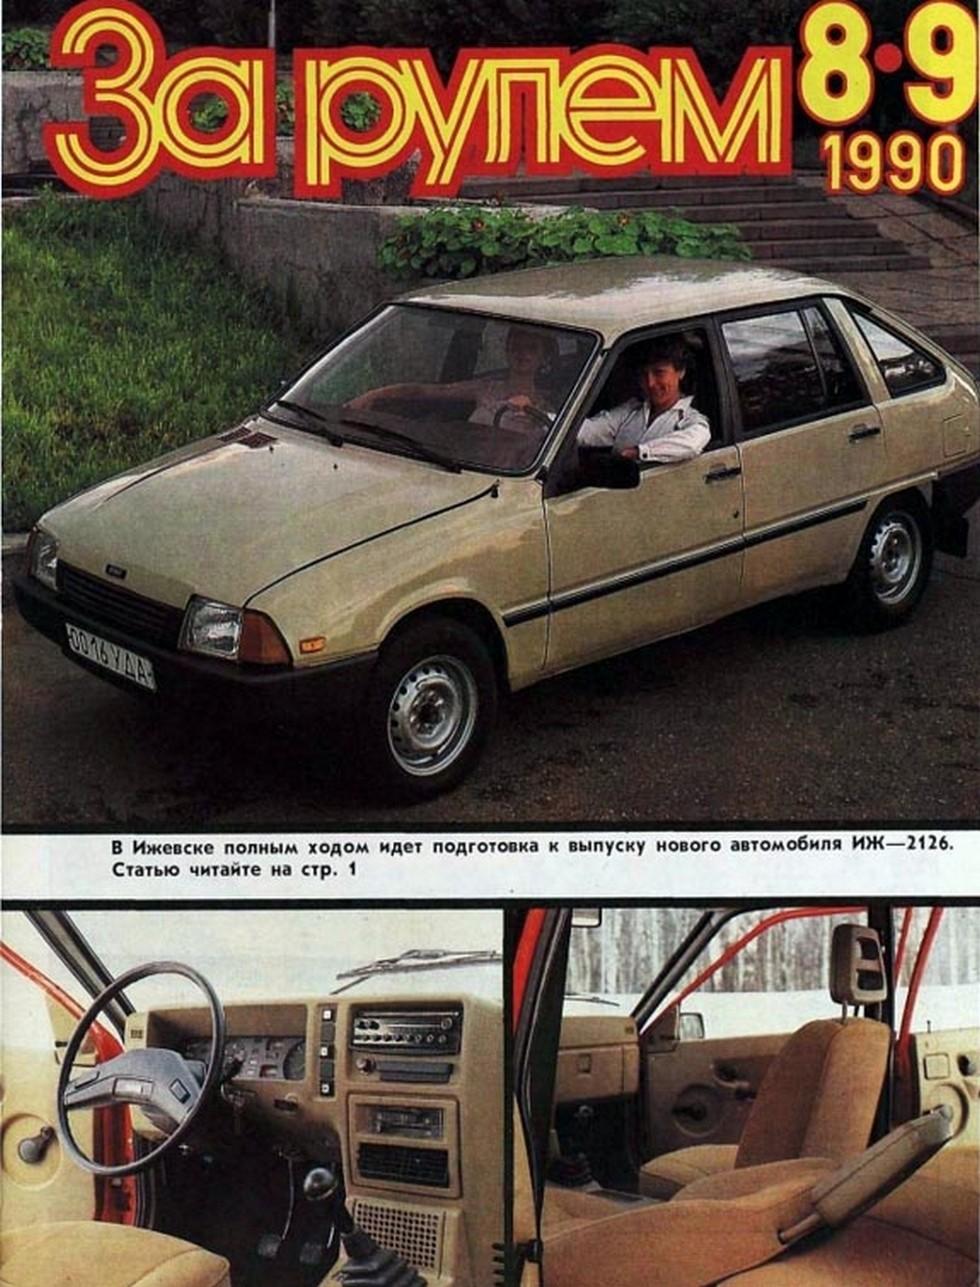 Потенциальный советский покупатель увидел Иж-2126 на обложке журнала За Рулем именно такой – почему-то на дисках от ВАЗ-2103